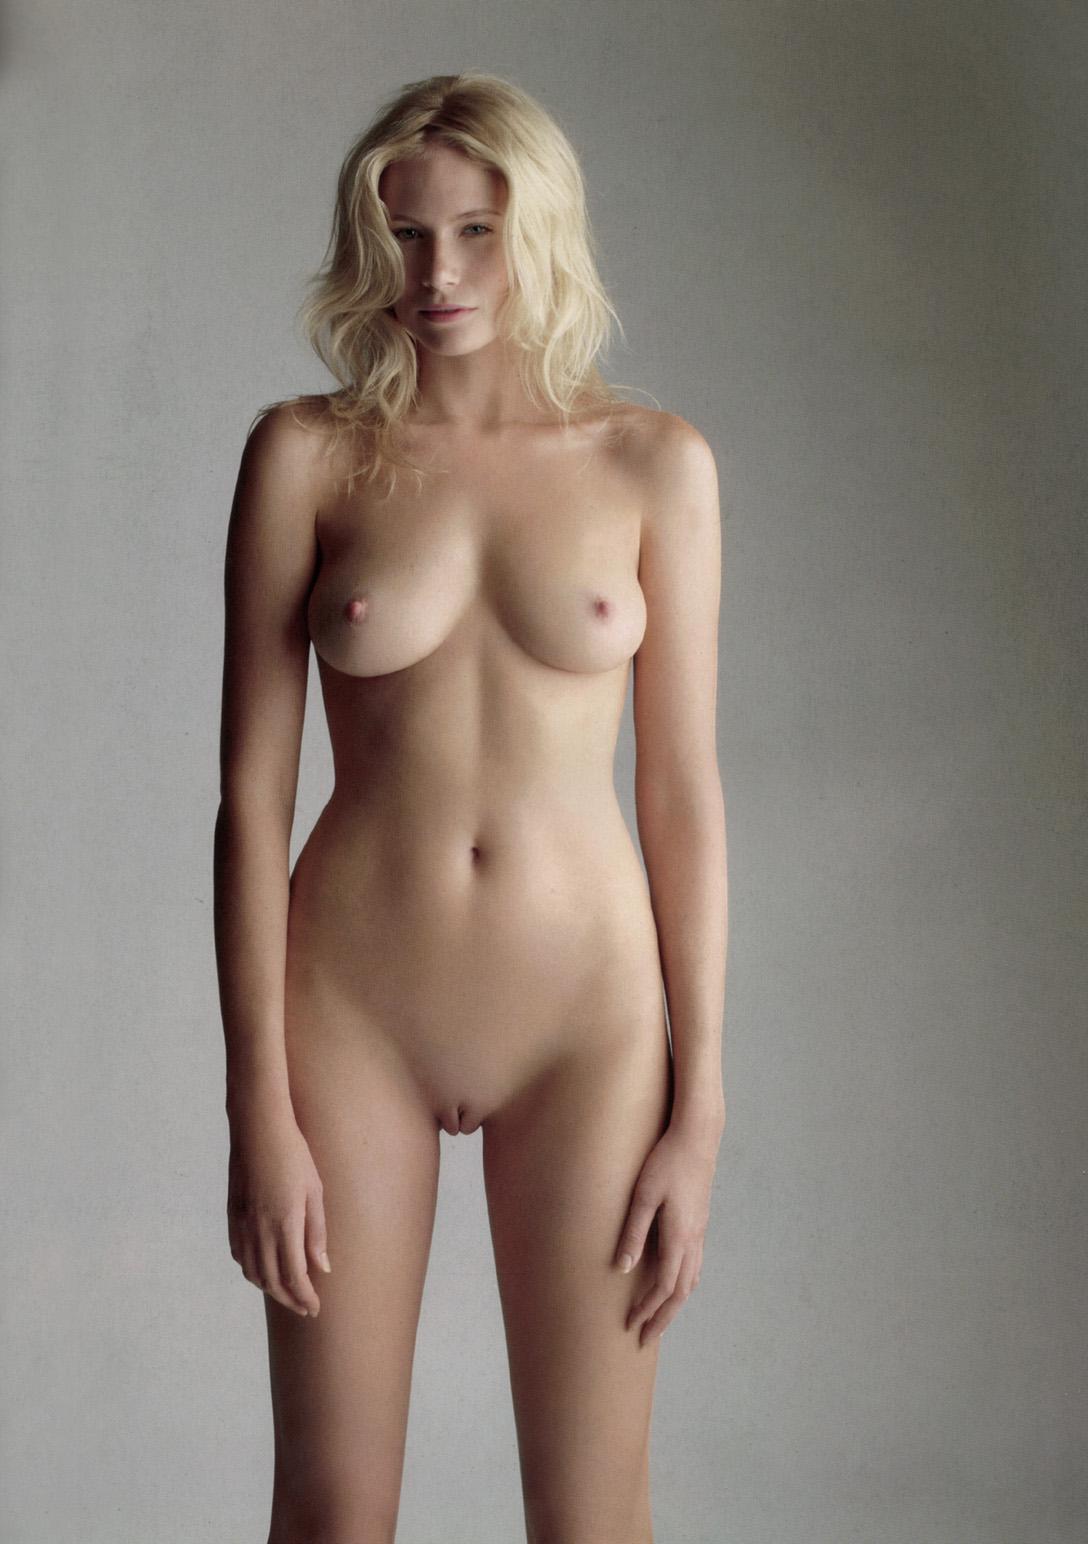 http://4.bp.blogspot.com/-5Jix7TMPOXA/T3ItbjFpXVI/AAAAAAAAAPM/VyDWMfLlq2M/s1600/Tuul+(22).jpg